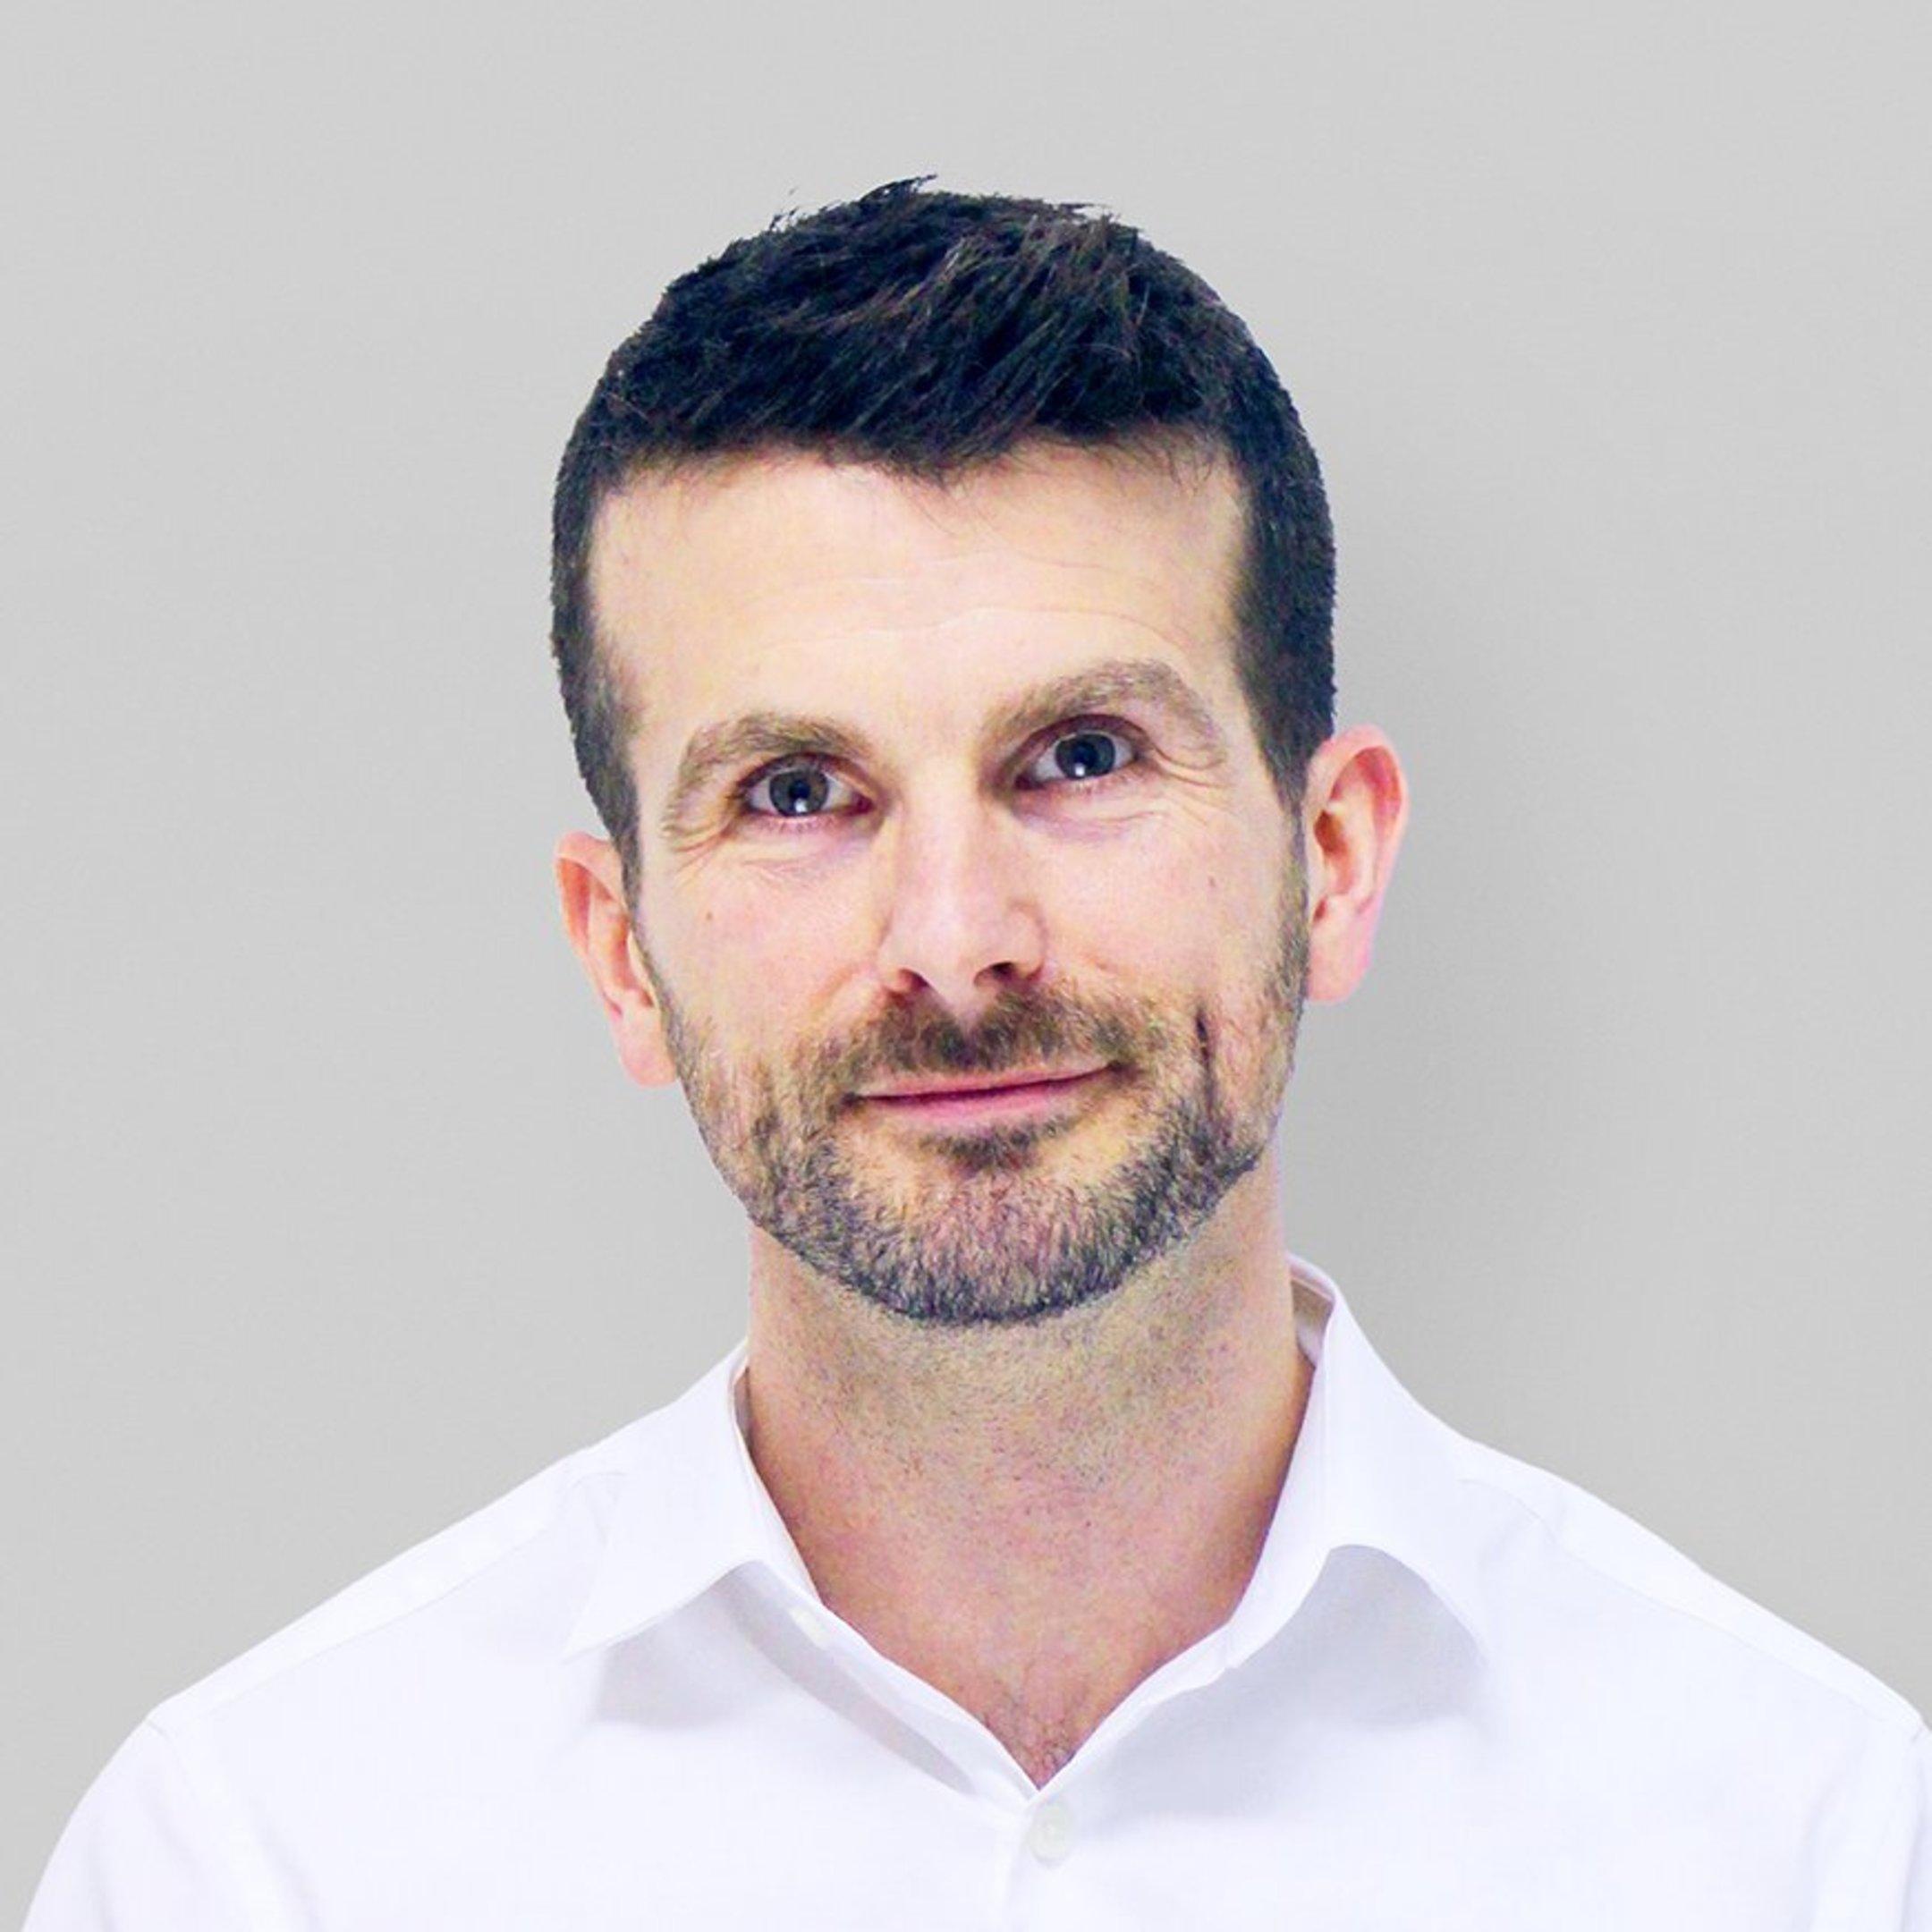 A photo of the author, Matt Hood.